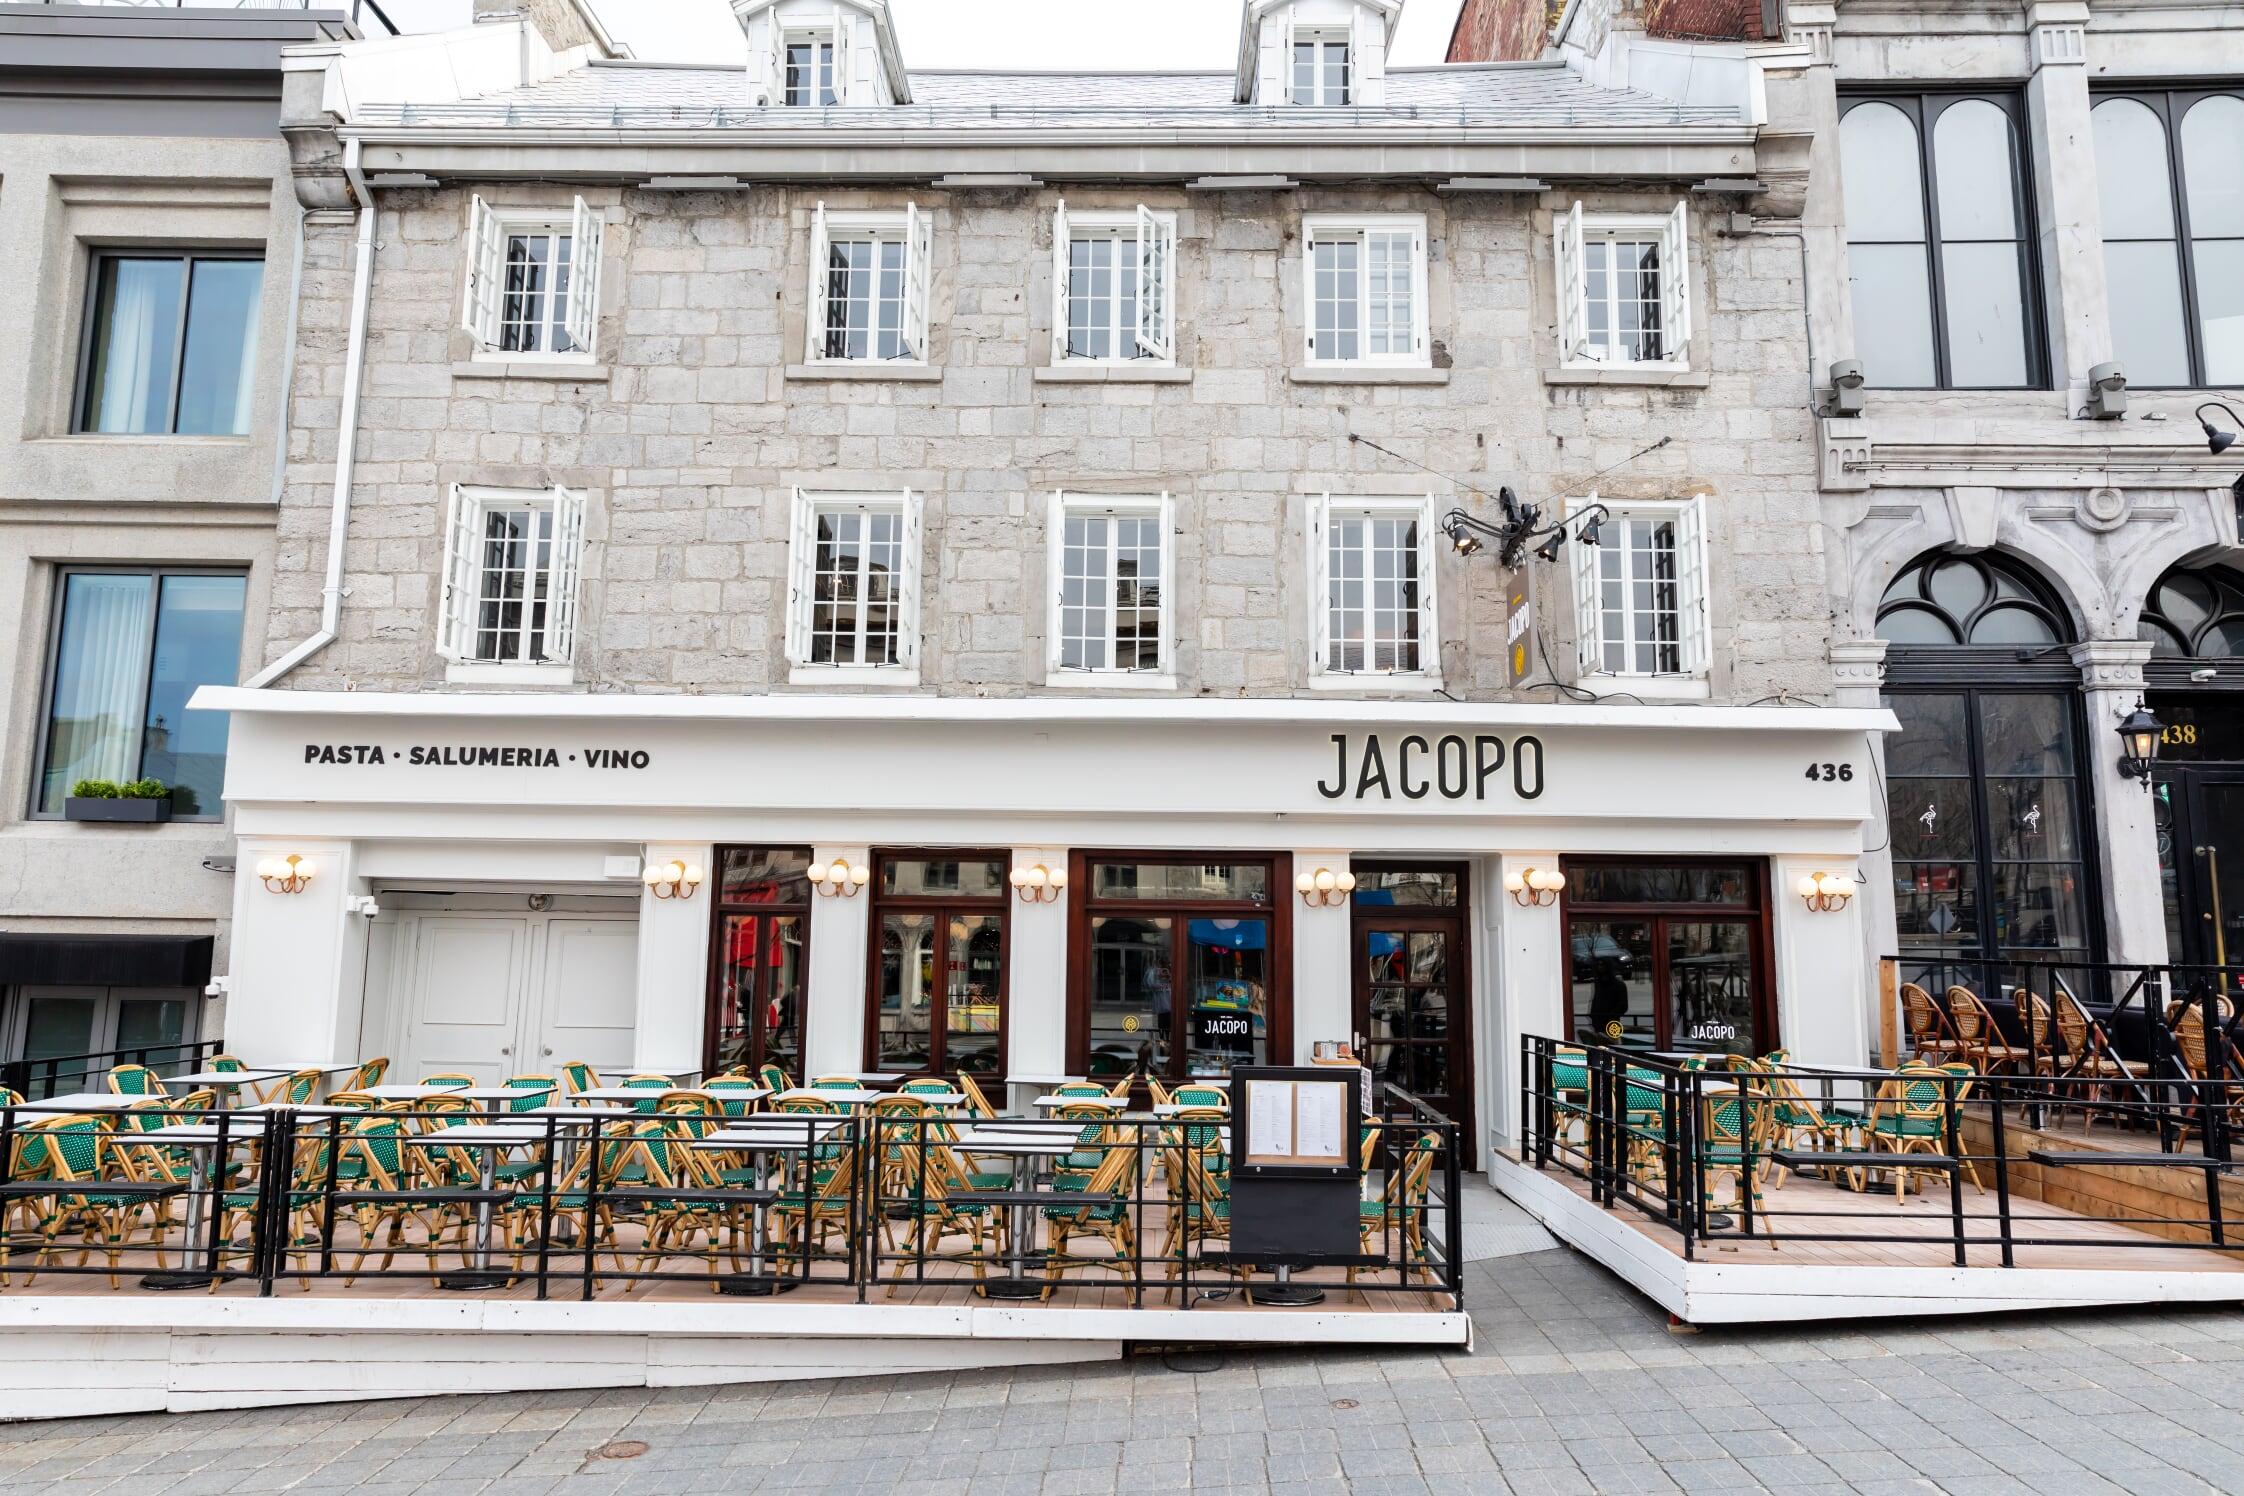 JACOPO-29.04.2019-JFGALIPEAU-384 (1) (1)